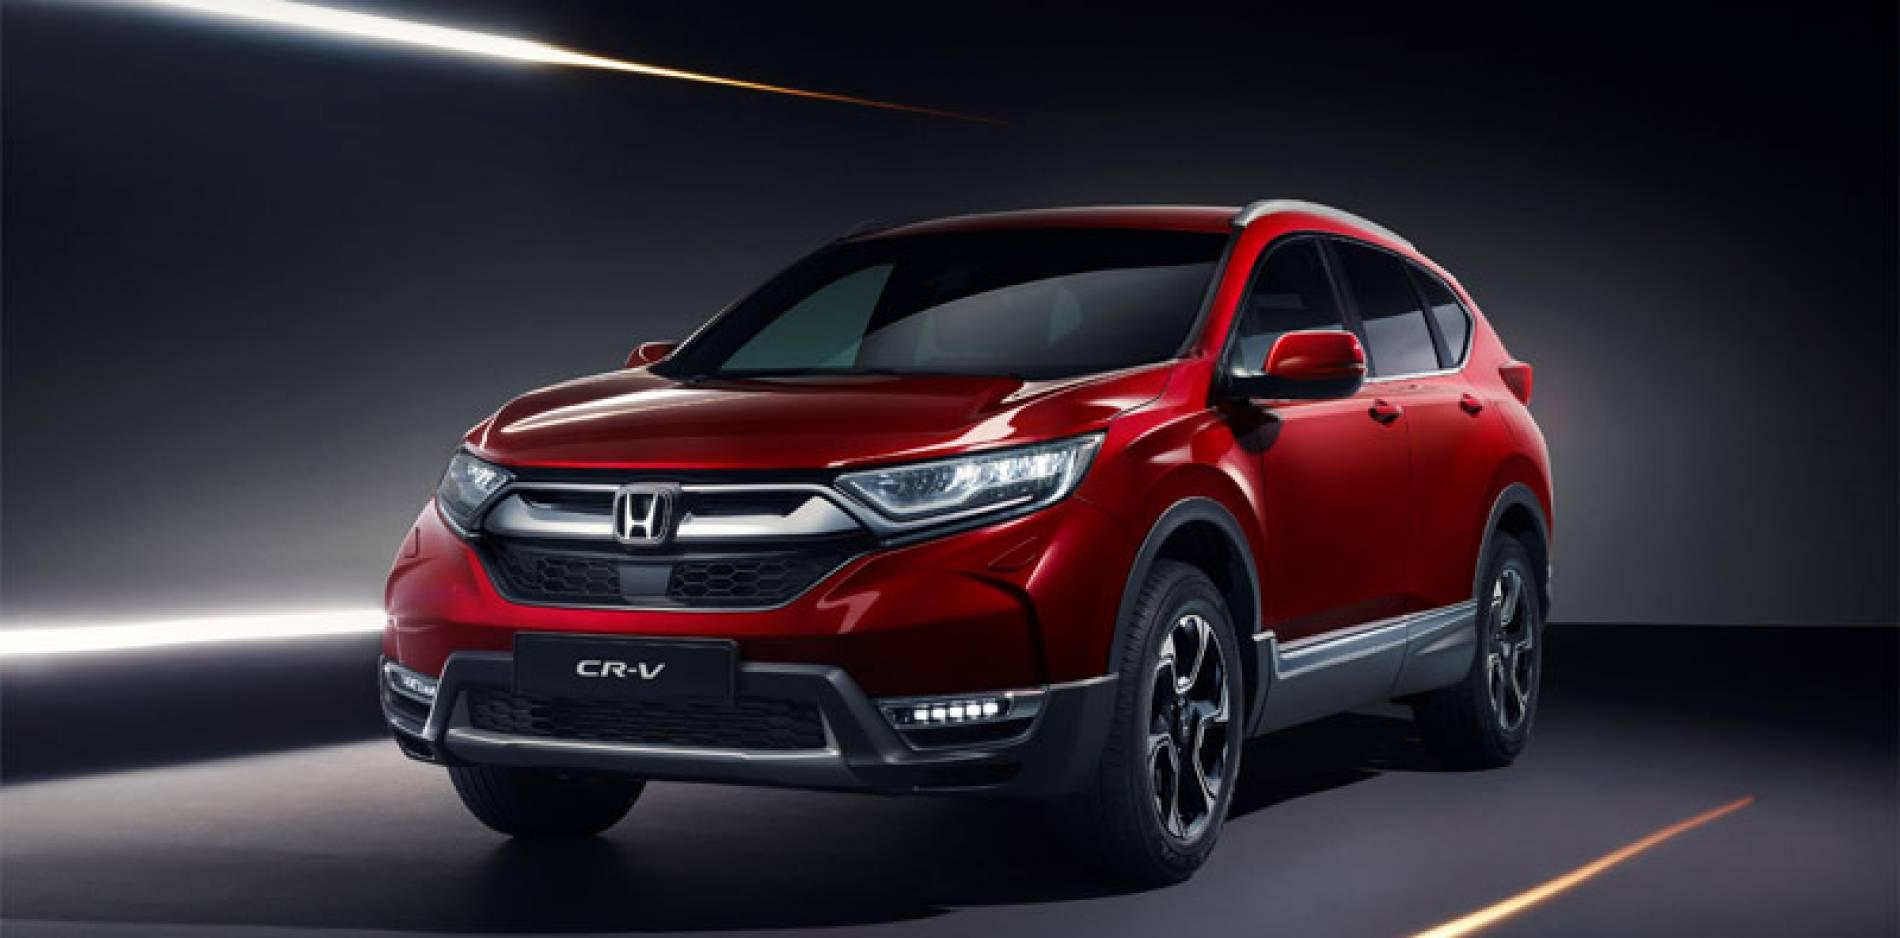 El Honda CR-V 2018 llegará en otoño (y la versión híbrida en 2019)